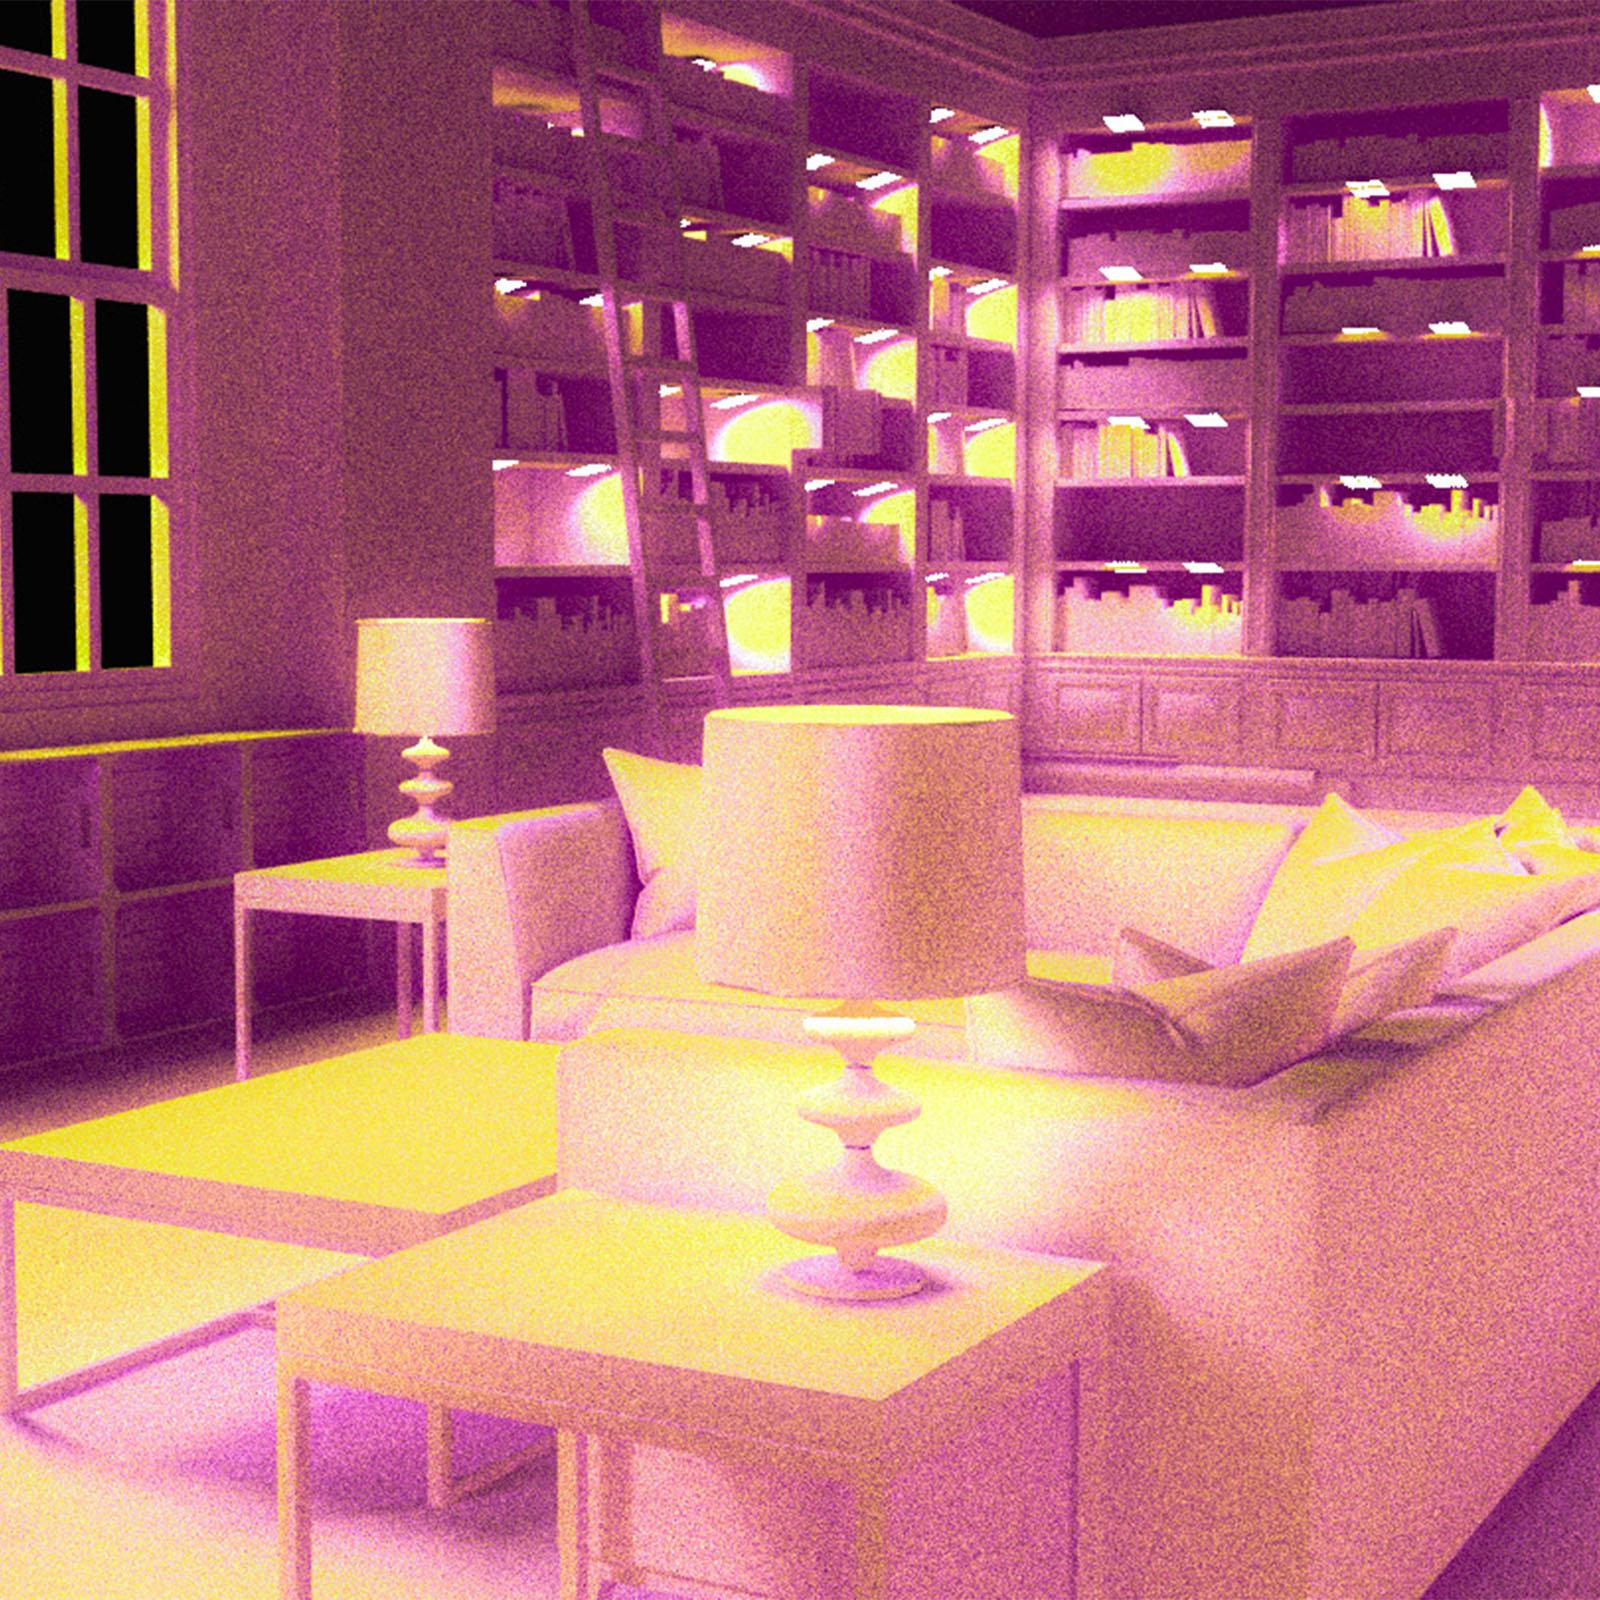 Virtual Reality- Pink and Yellow Living Room virtual reality